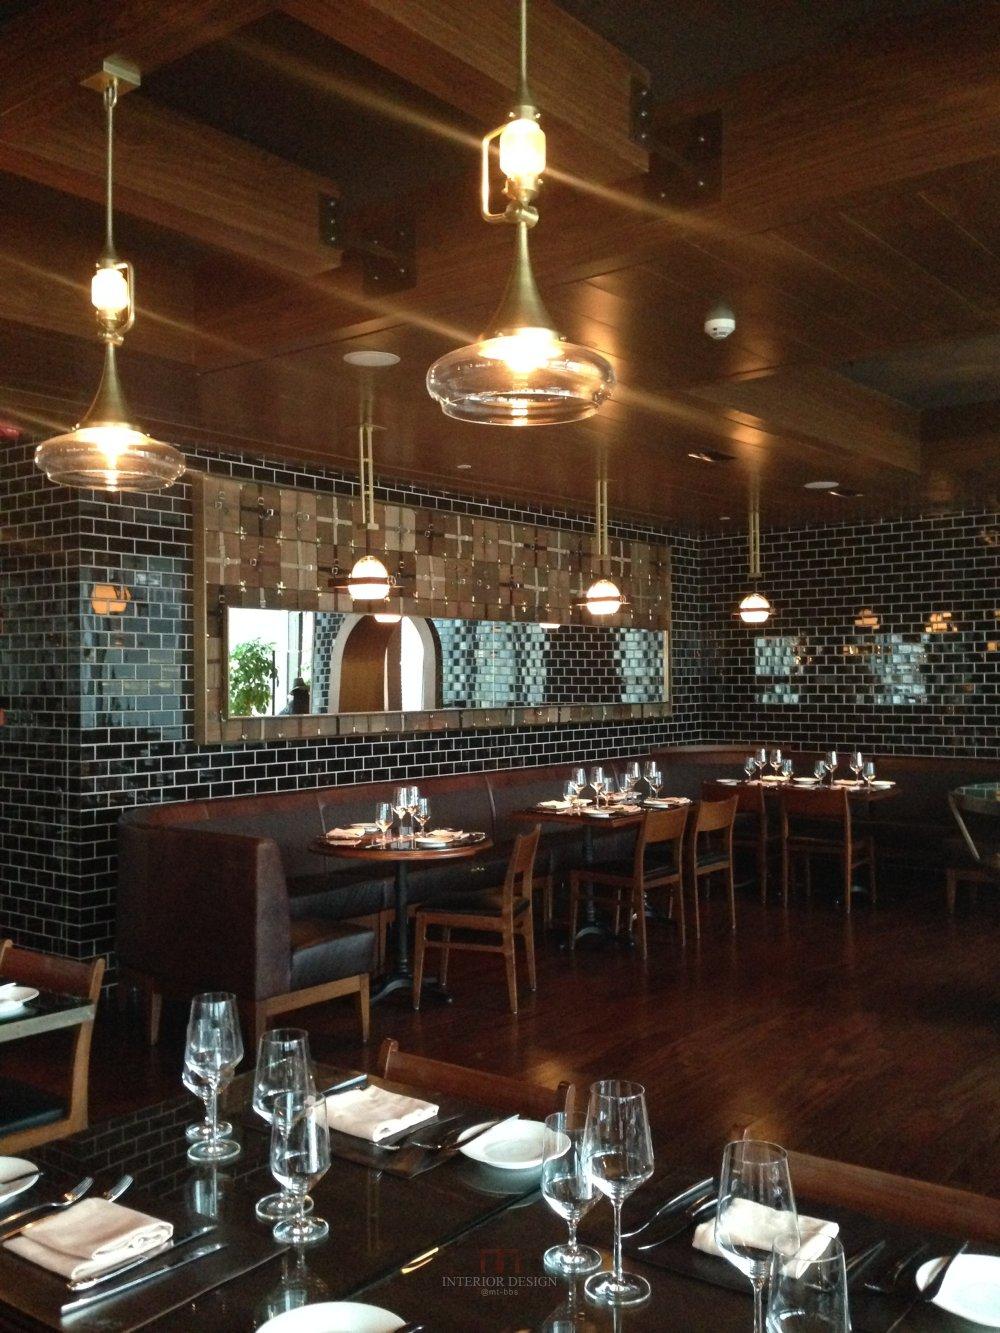 1515牛排馆•酒吧The 1515 WEST CHOPHOUSE & BAR自拍分享_IMG_0122.JPG